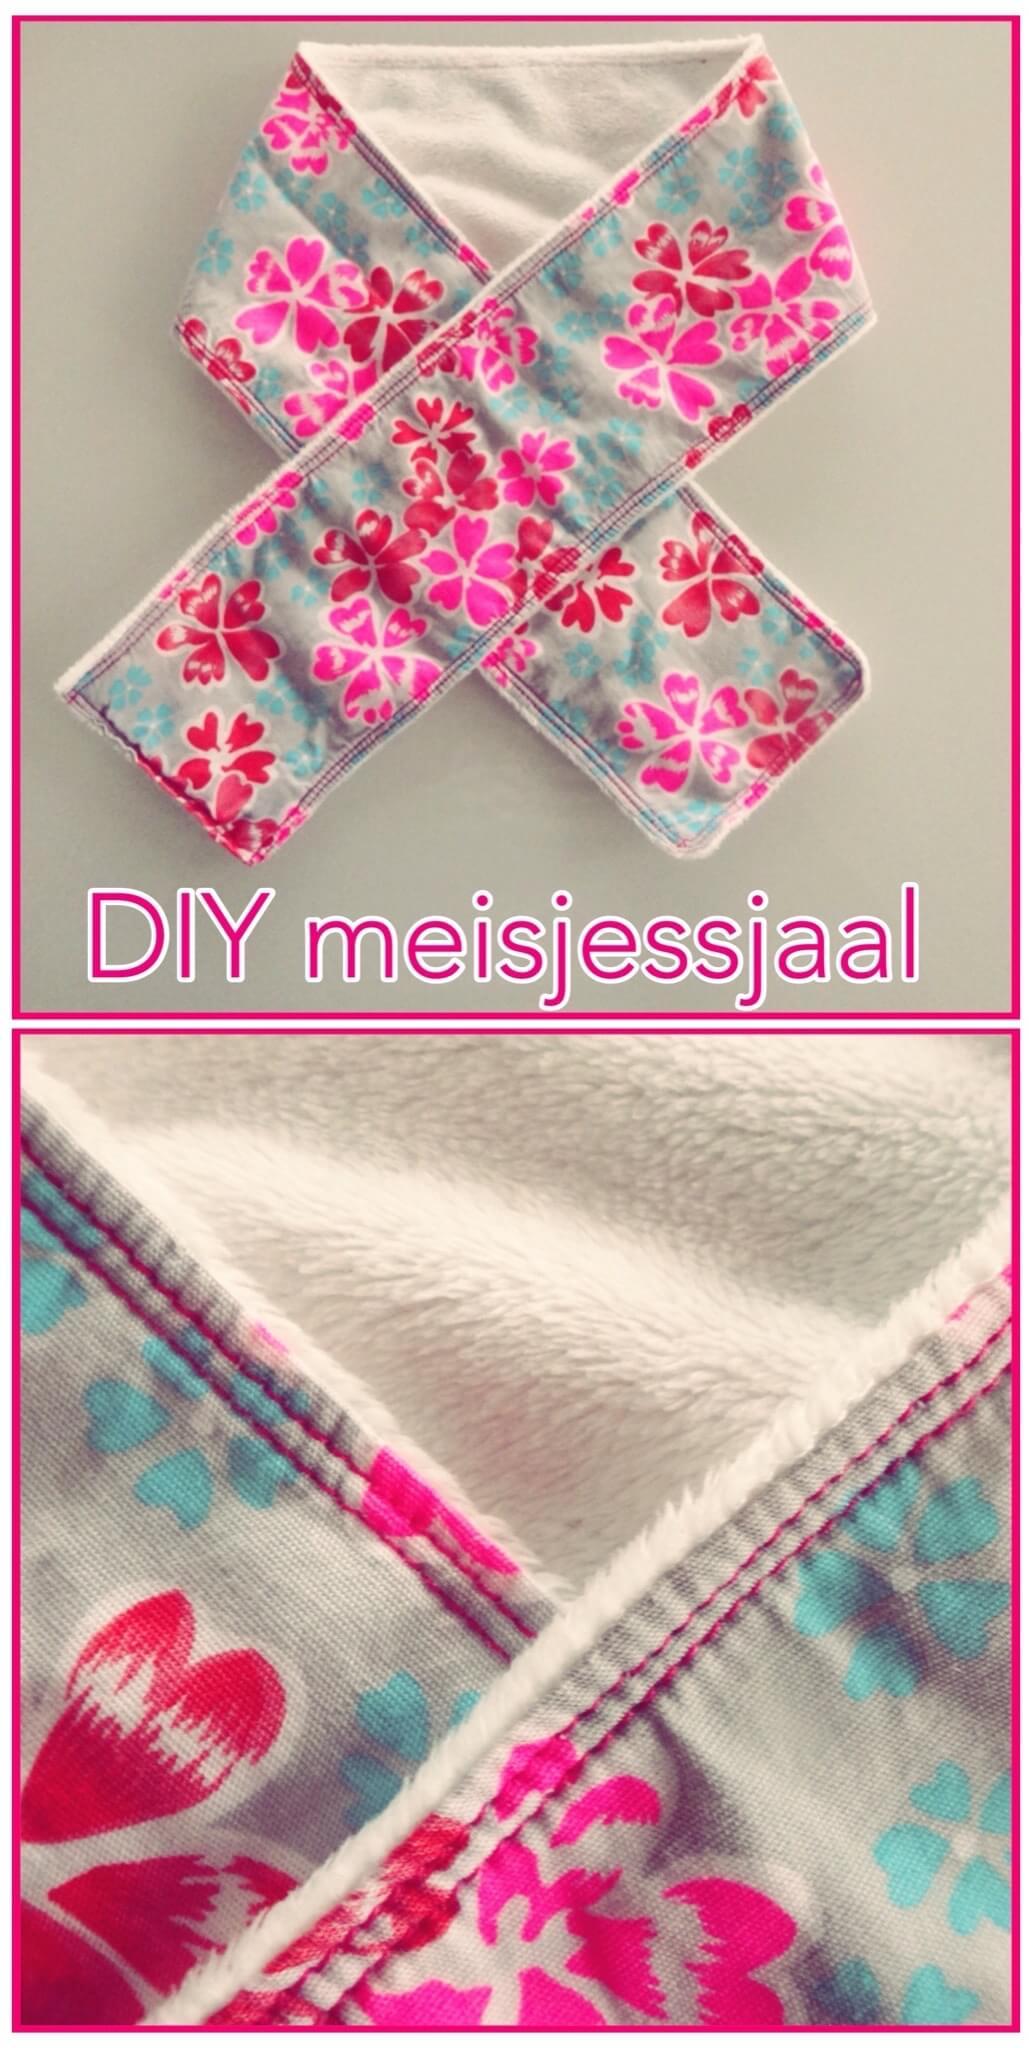 DIY sjaal voor meisjes